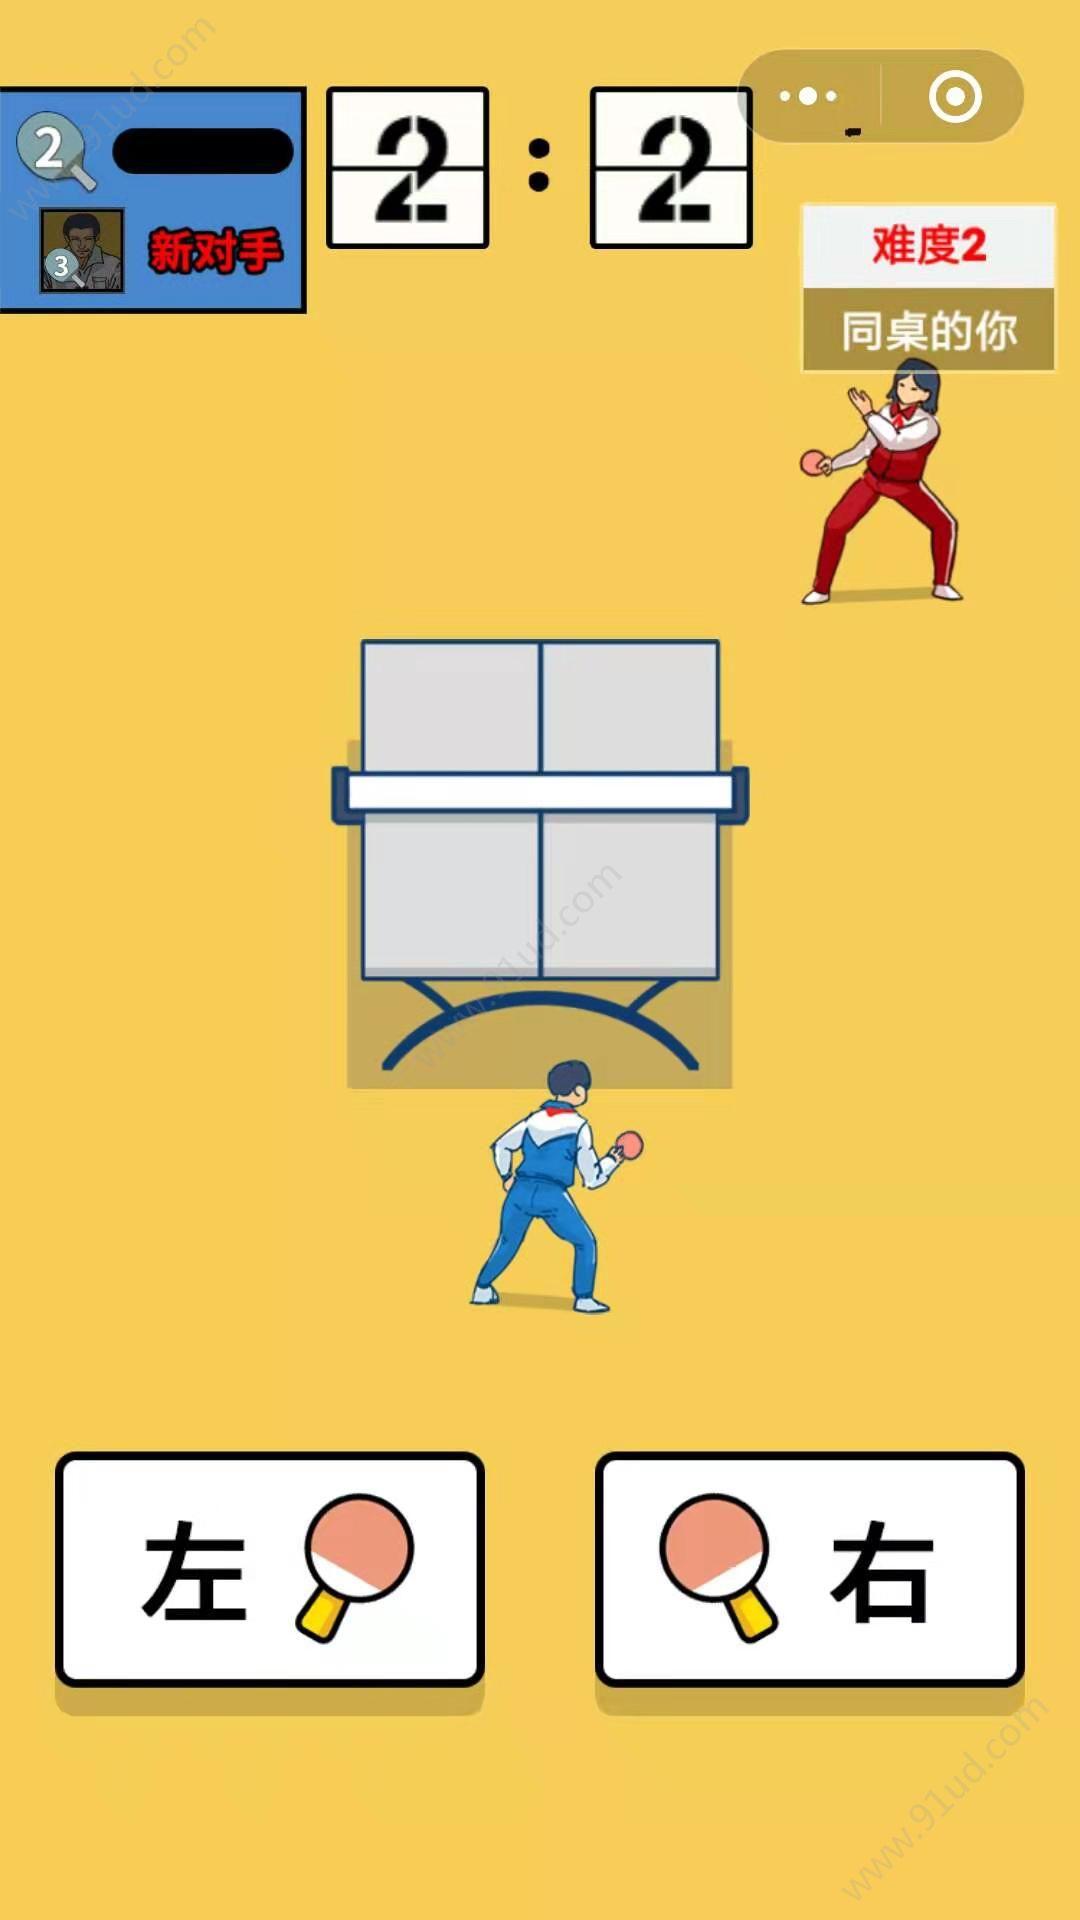 乒乓吧同学小程序截图